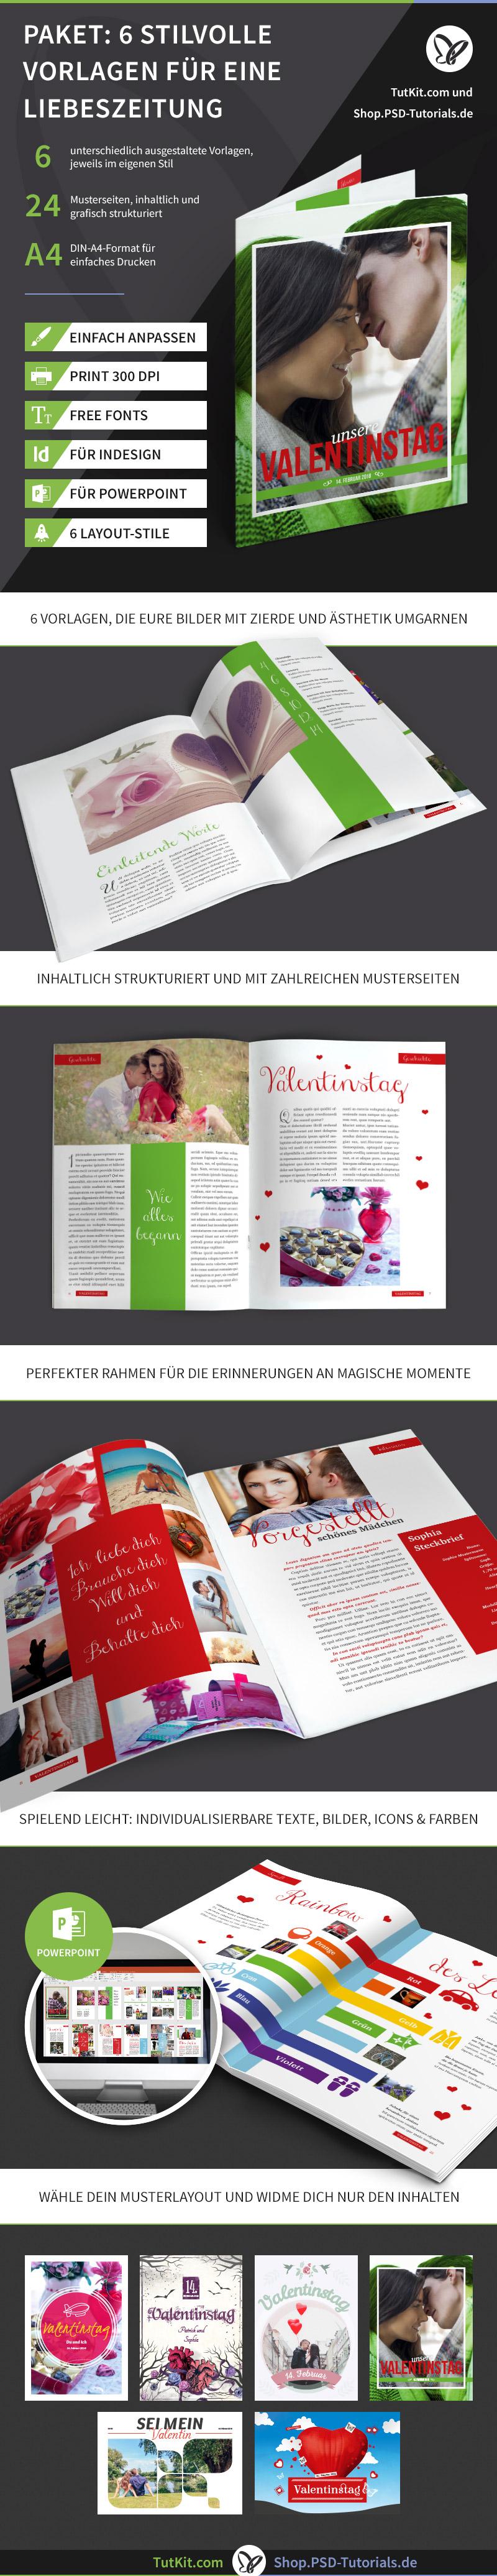 Überblick über das Set mit Vorlagen für Hochzeitszeitungen - Version 3